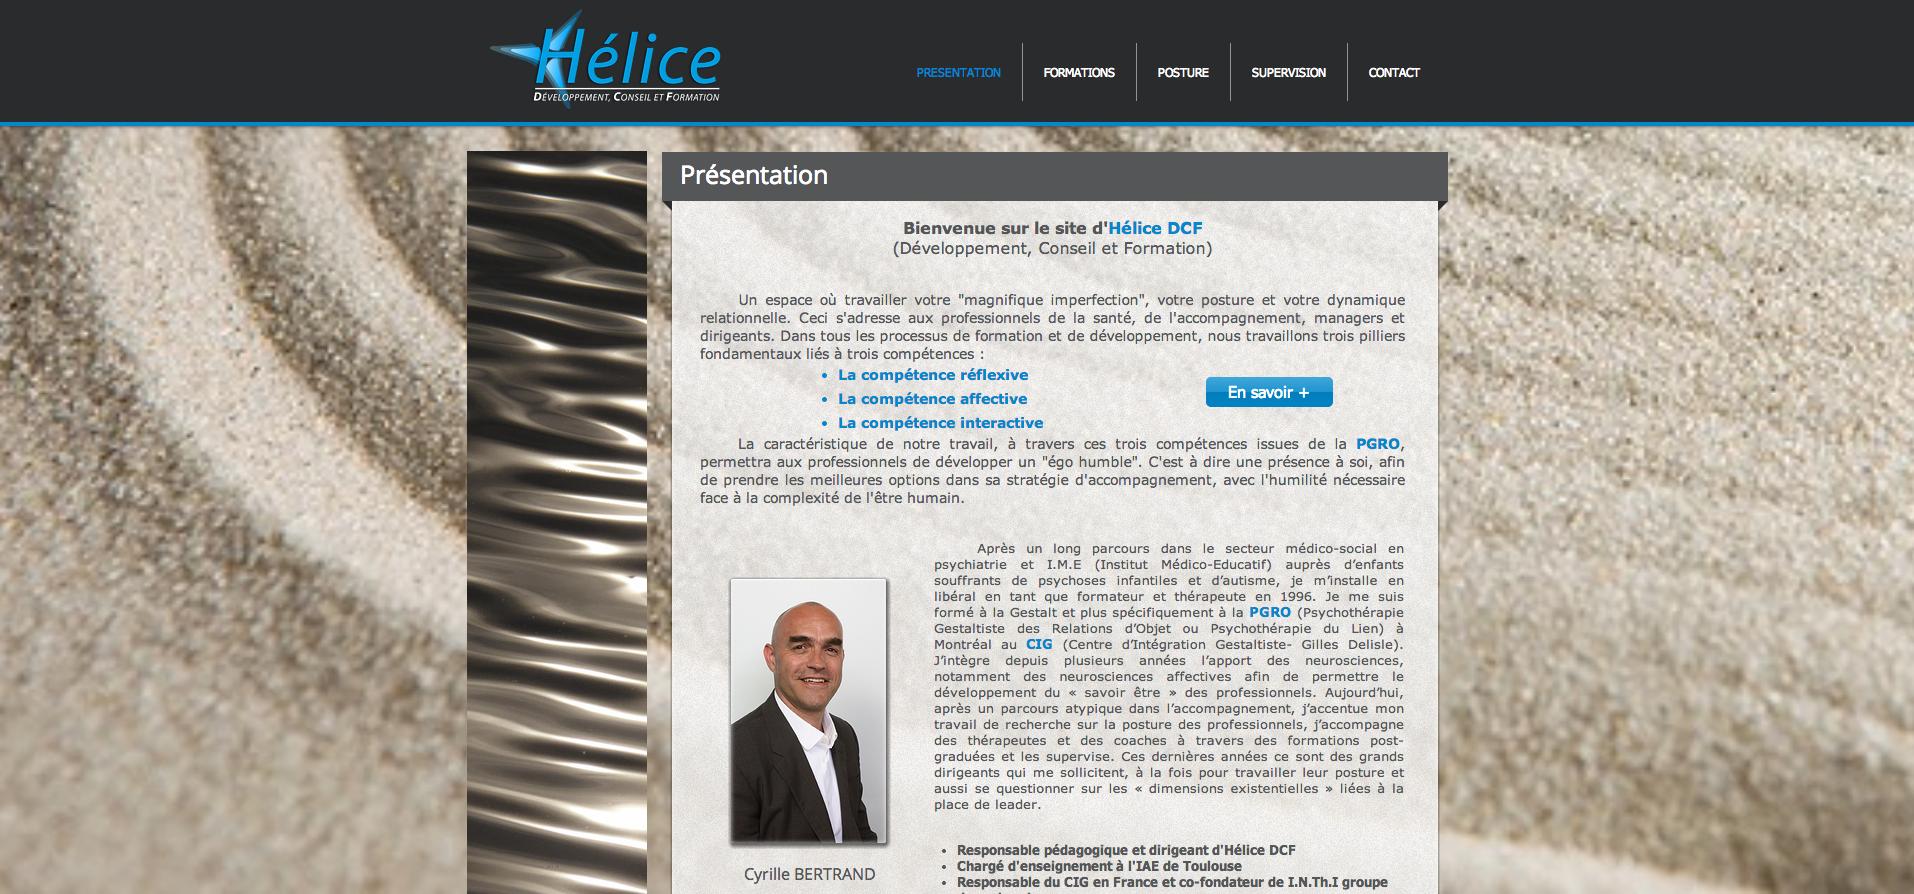 Site web | Hélice DCF